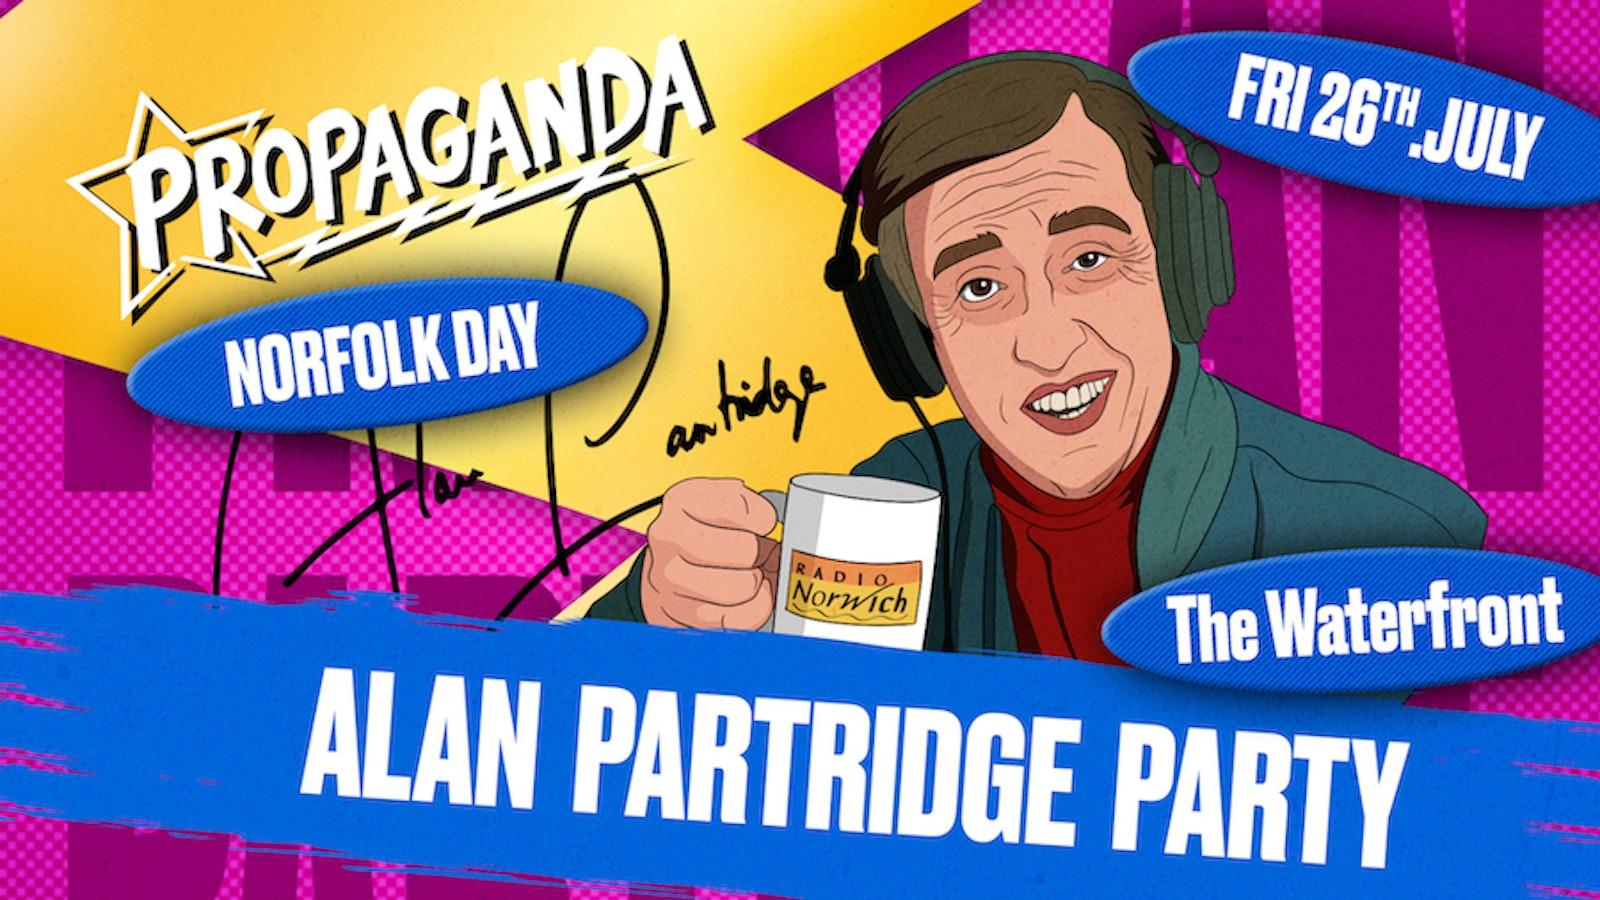 Propaganda Norwich – Alan Partridge Norfolk Day Party!